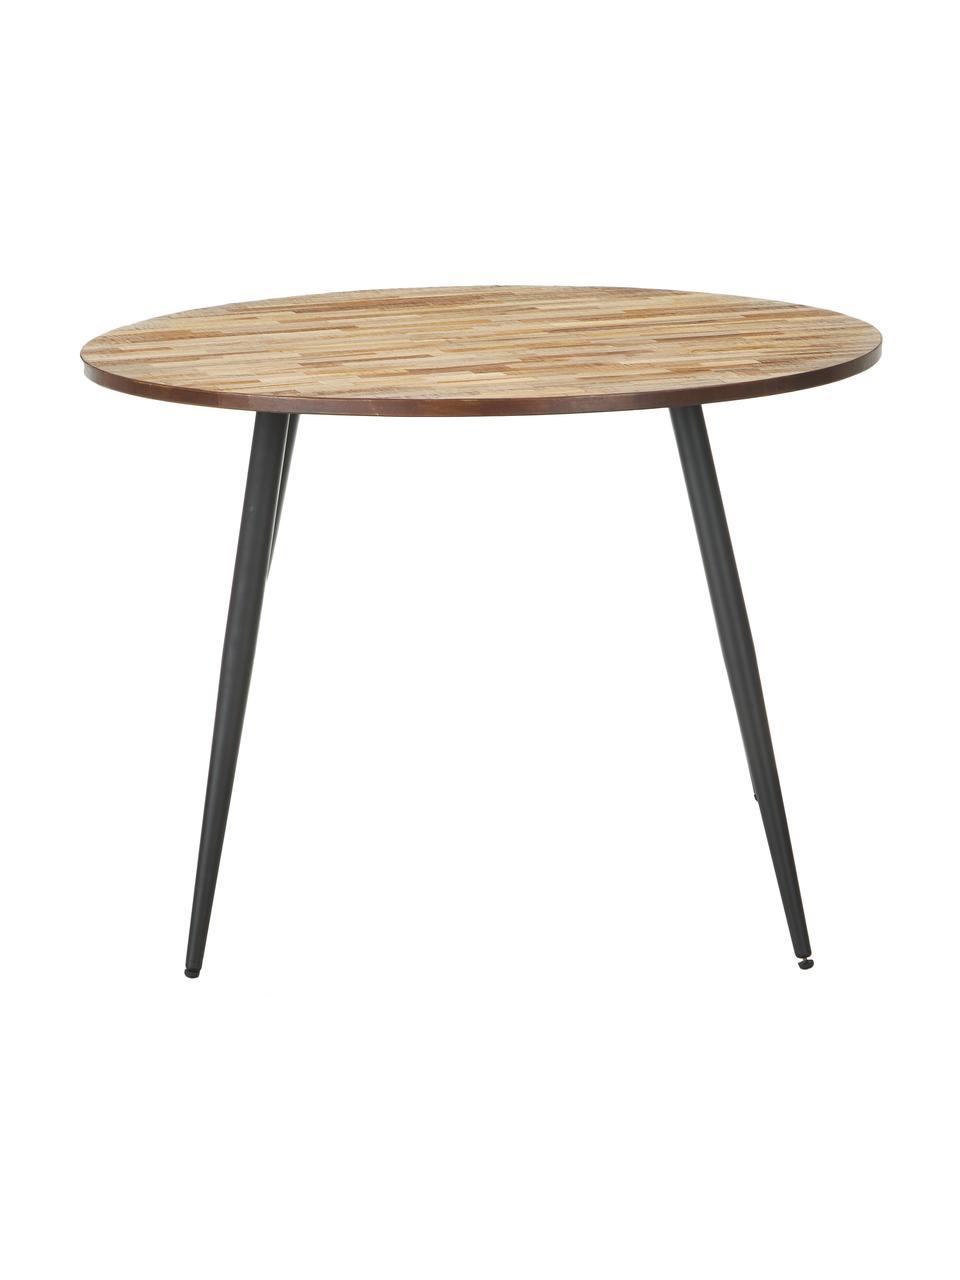 Runder Esstisch Mo mit Teakholzplatte, Beine: Metall, lackiert und besc, Tischplatte: TeakholzBeine: Schwarz, Ø 110 x H 76 cm